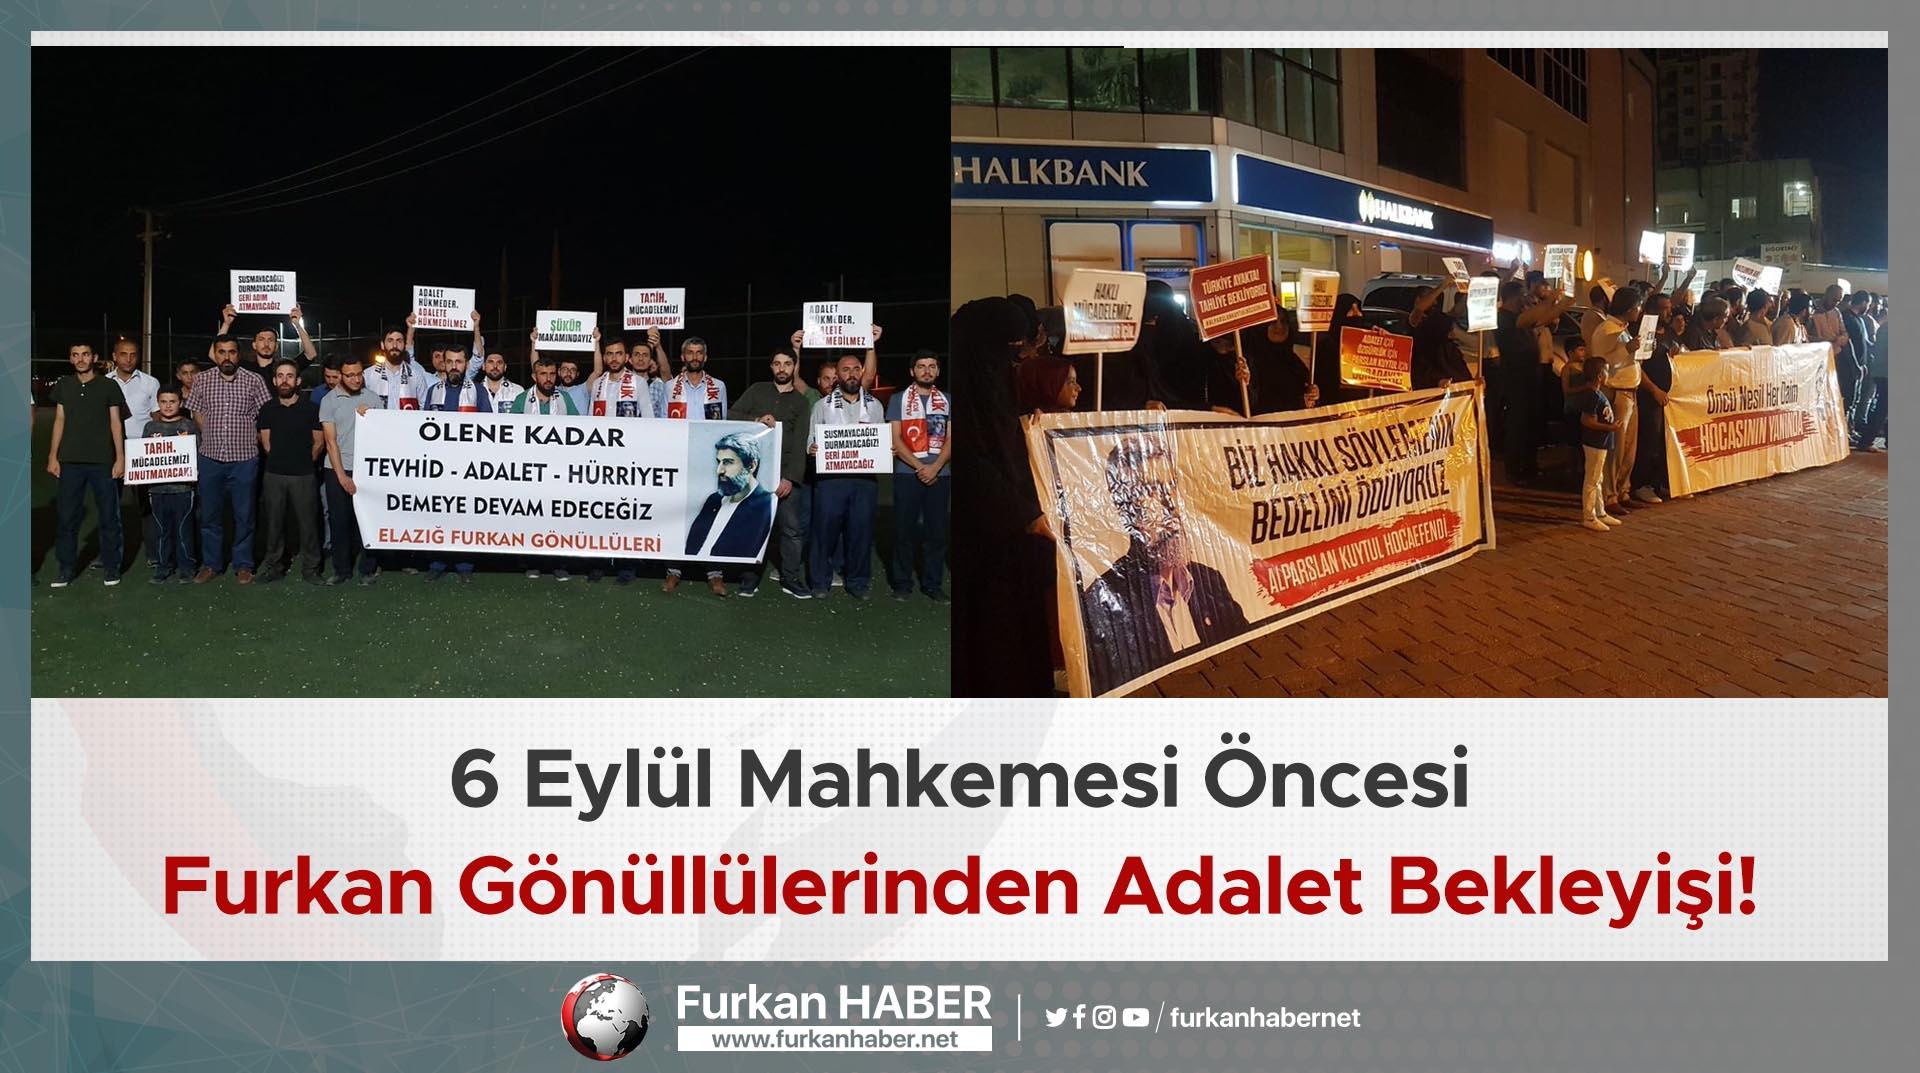 6 Eylül Mahkemesi Öncesi Furkan Gönüllülerinden Adalet Bekleyişi!